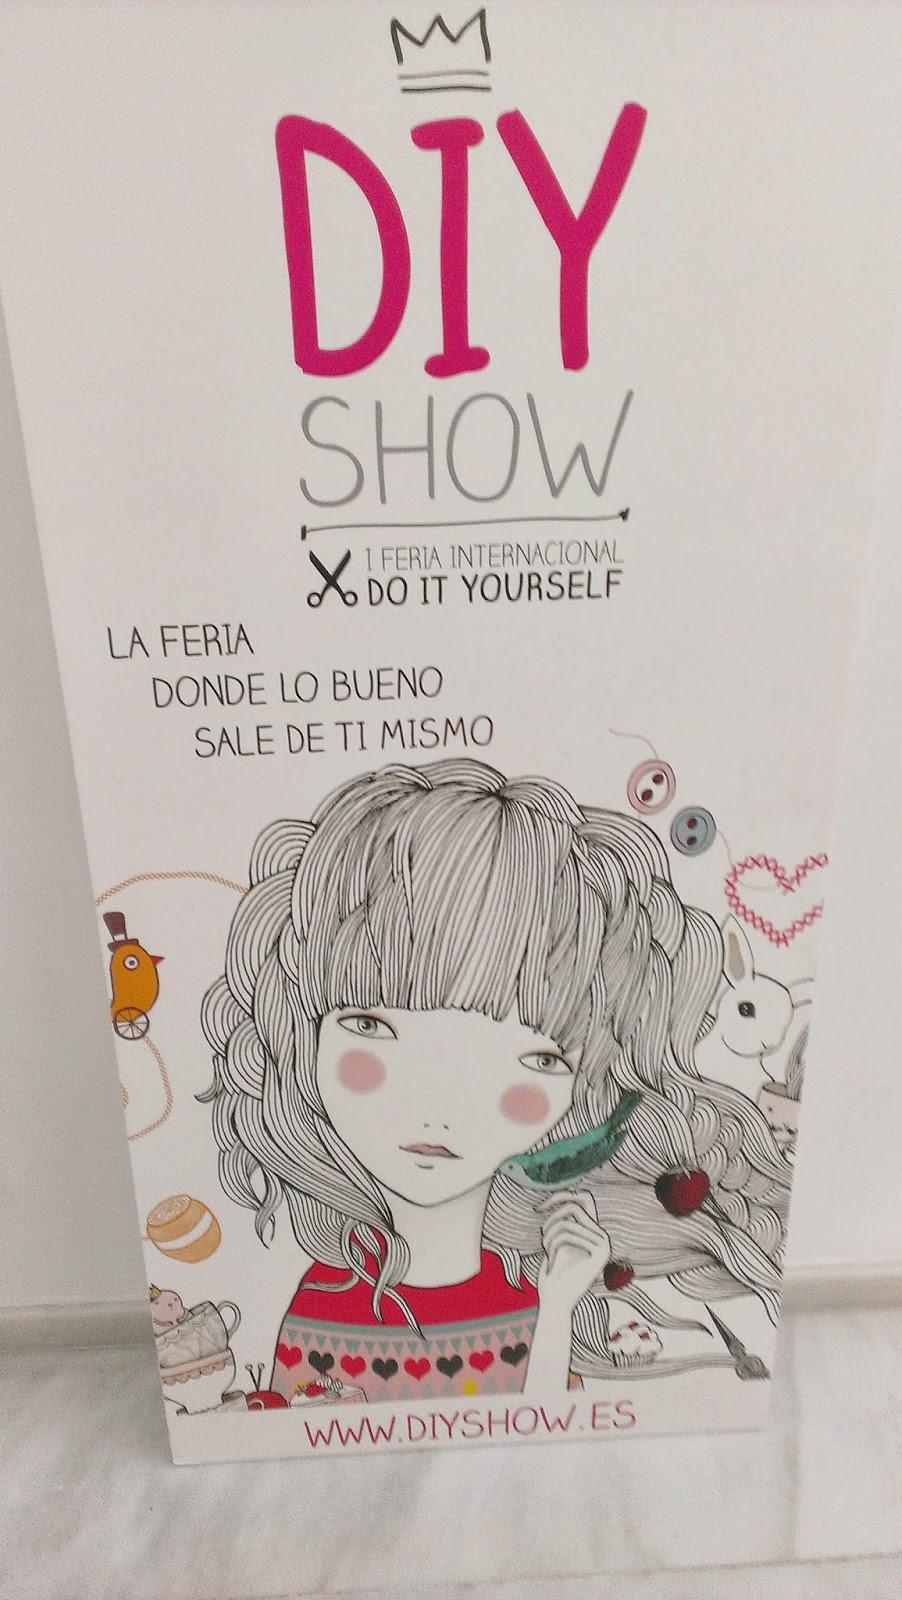 Feria de manualidades DIY Show (1ª parte)